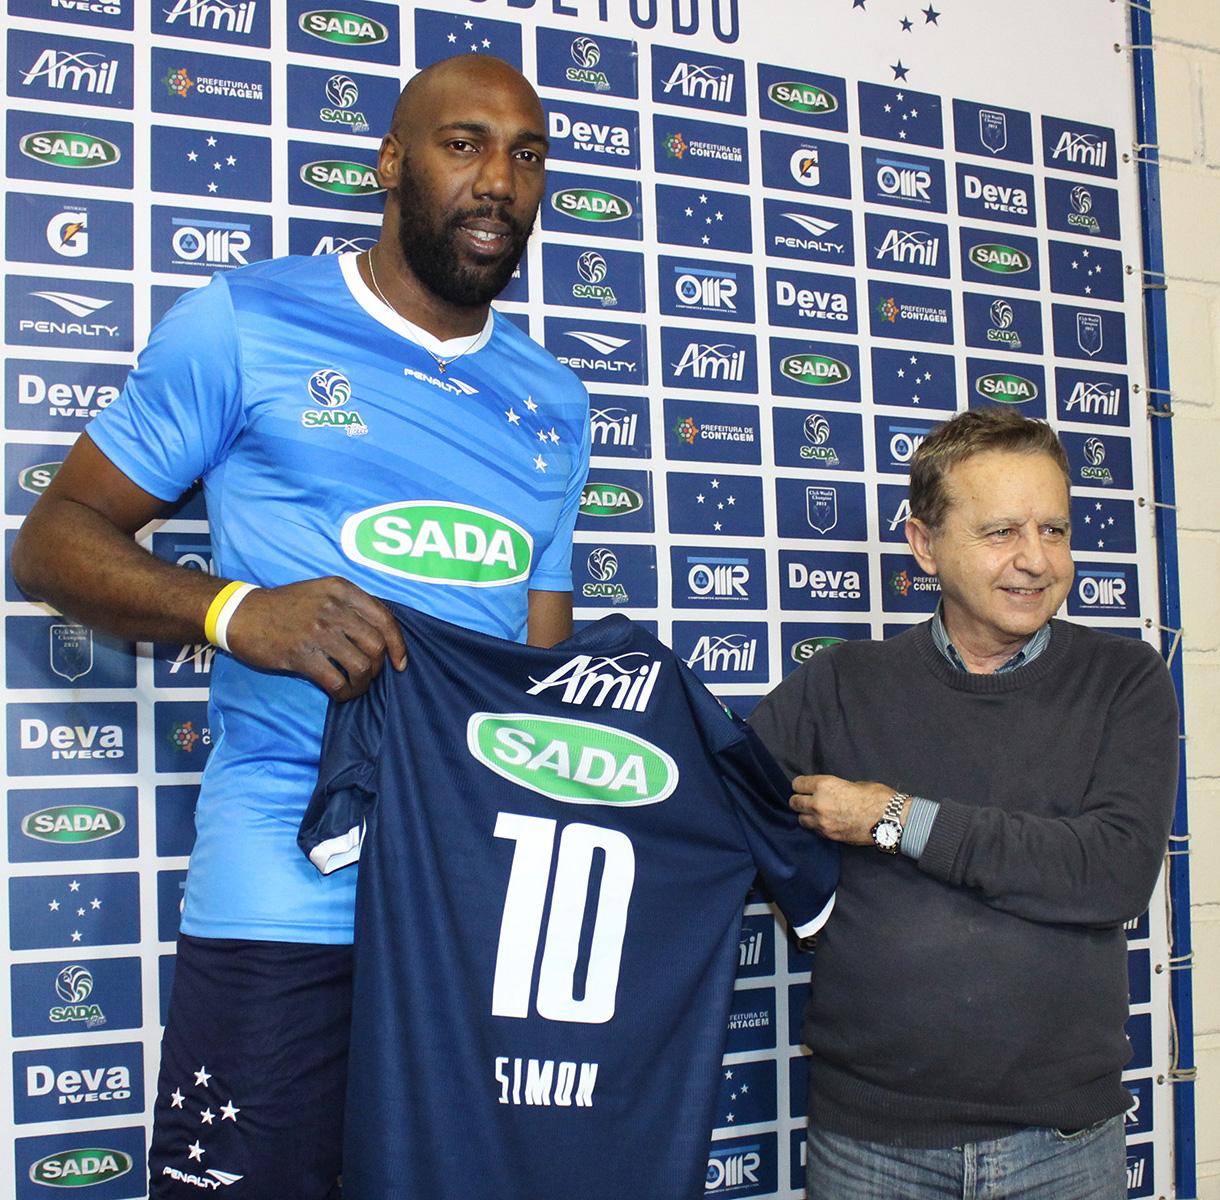 Cubano Simon chega em BH e é apresentado pelo Sada Cruzeiro 10f22f600248a